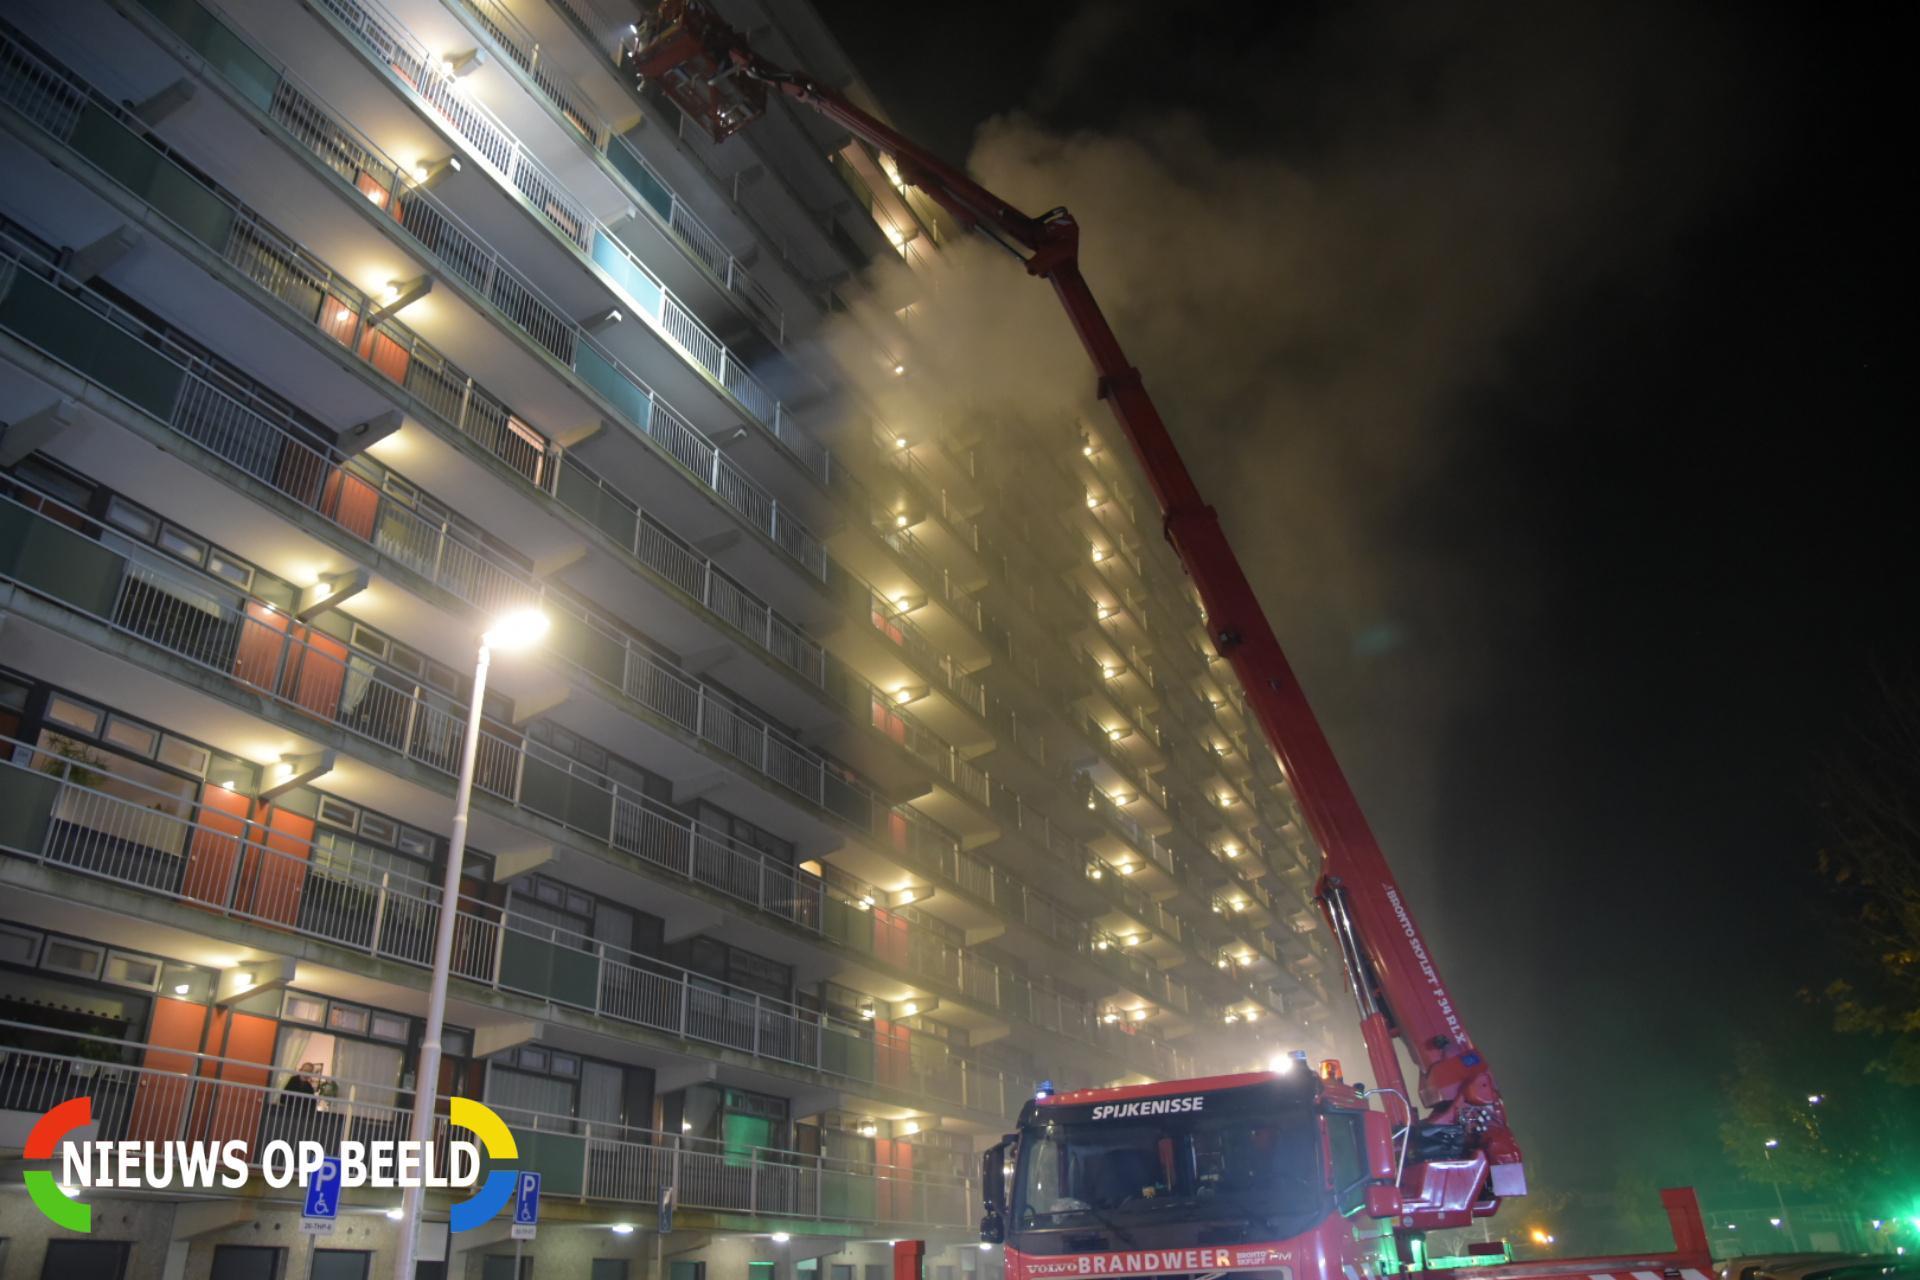 Grote brand in flat Botreep Hoogvliet